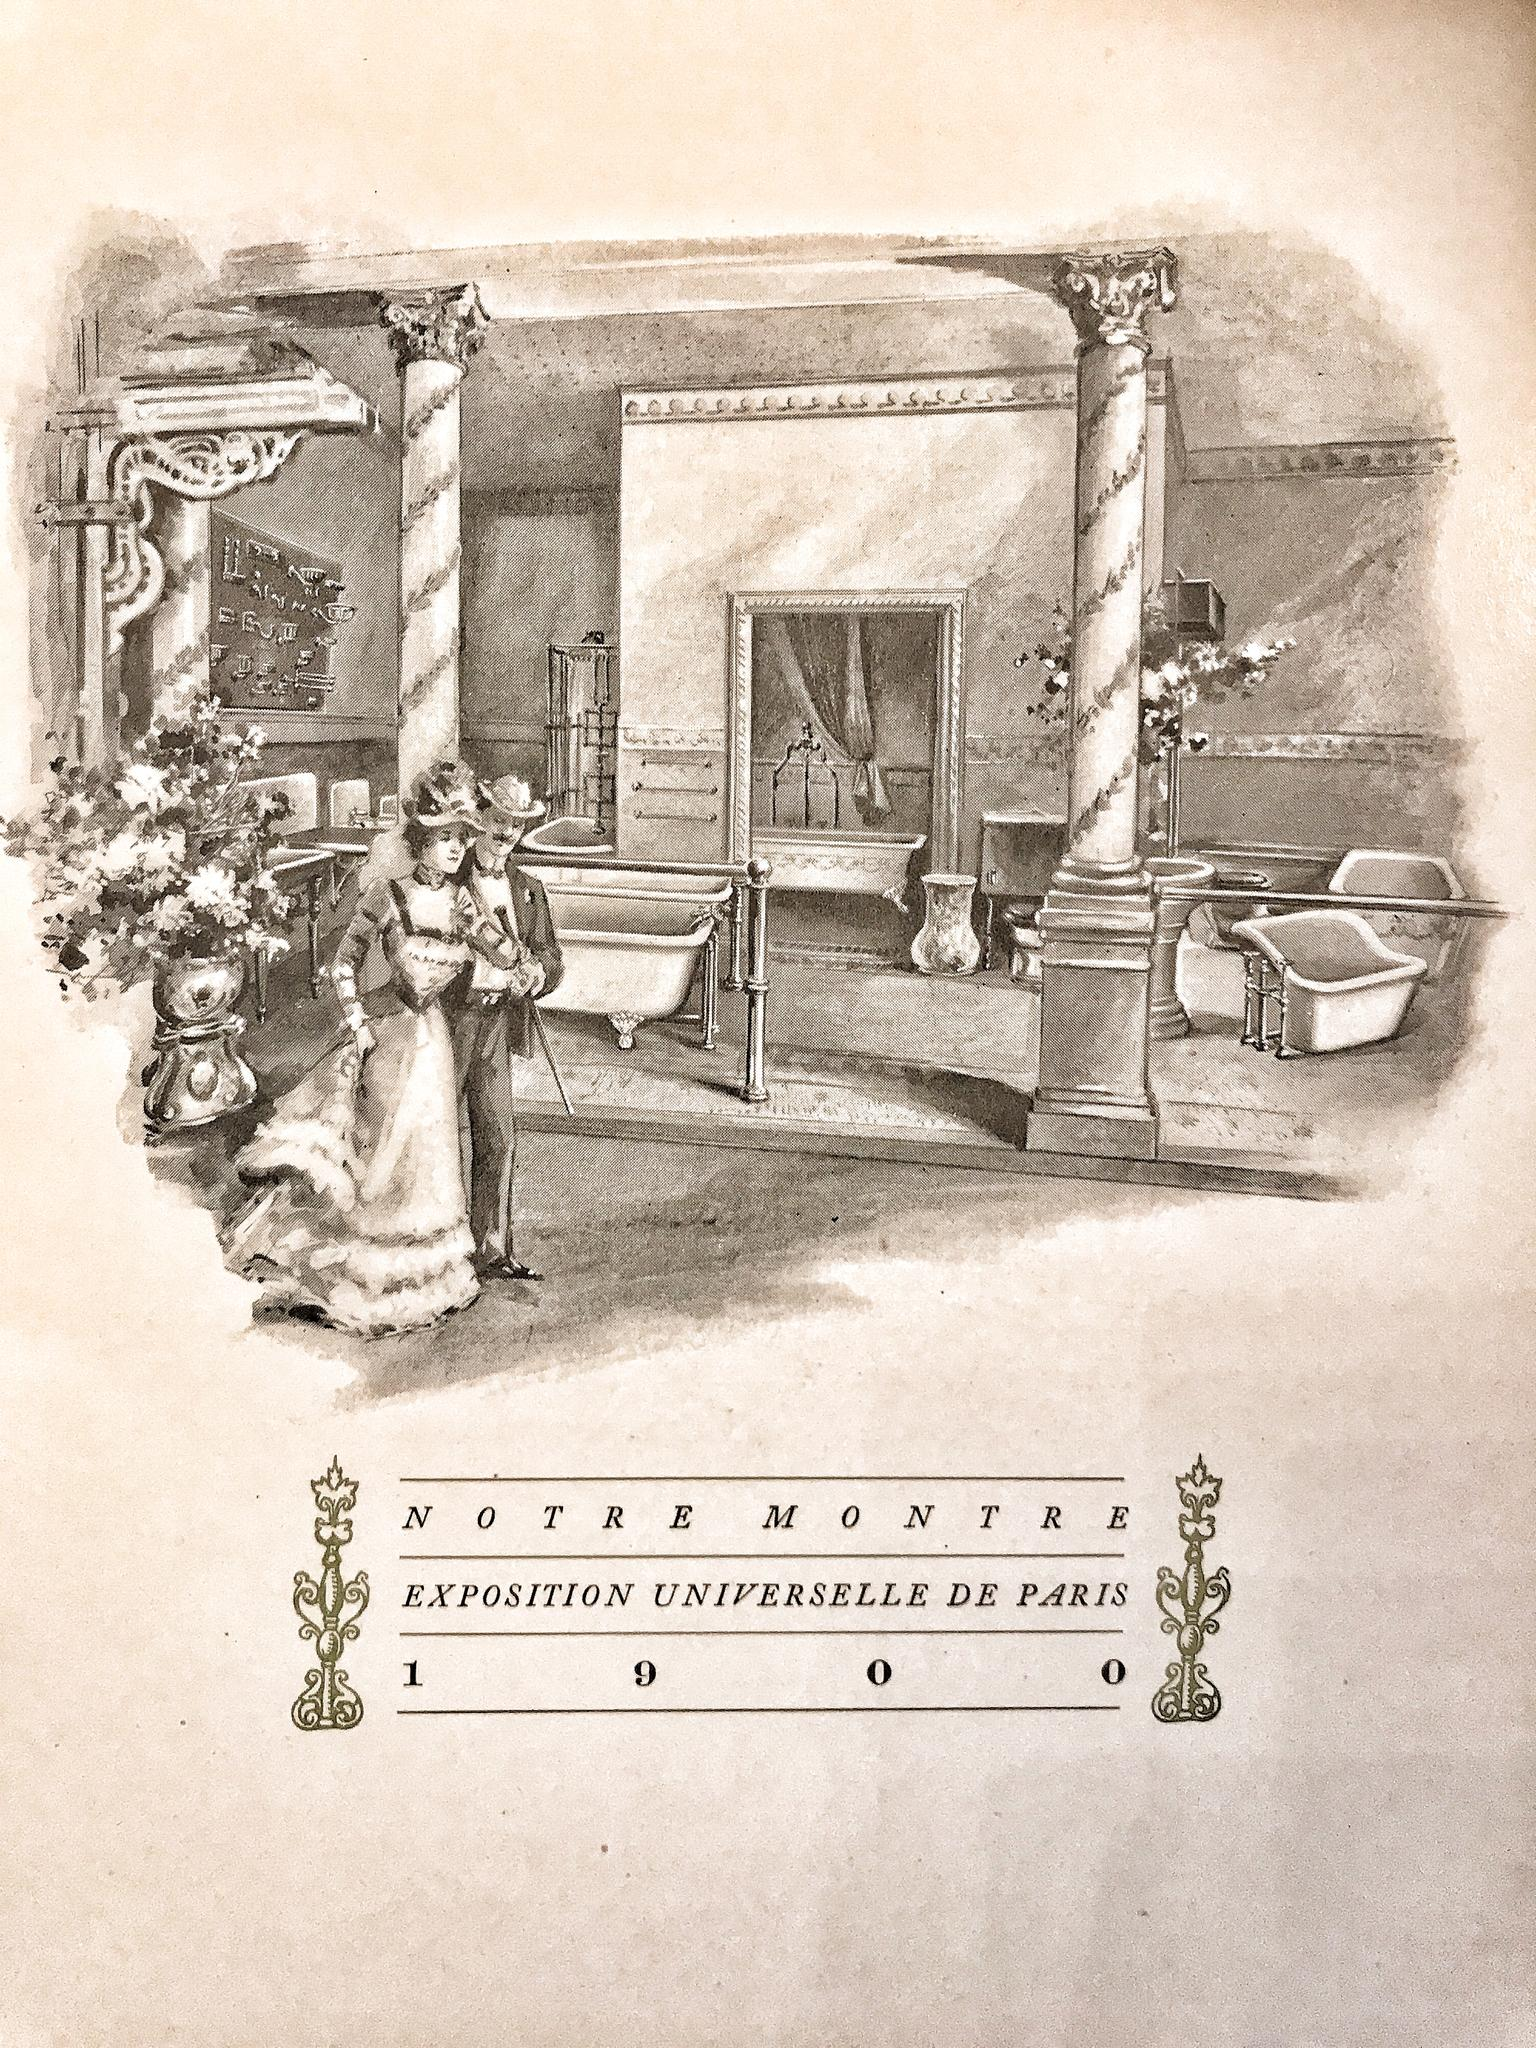 Badkamers tentoongesteld op de wereldtentoonstelling in Parijs